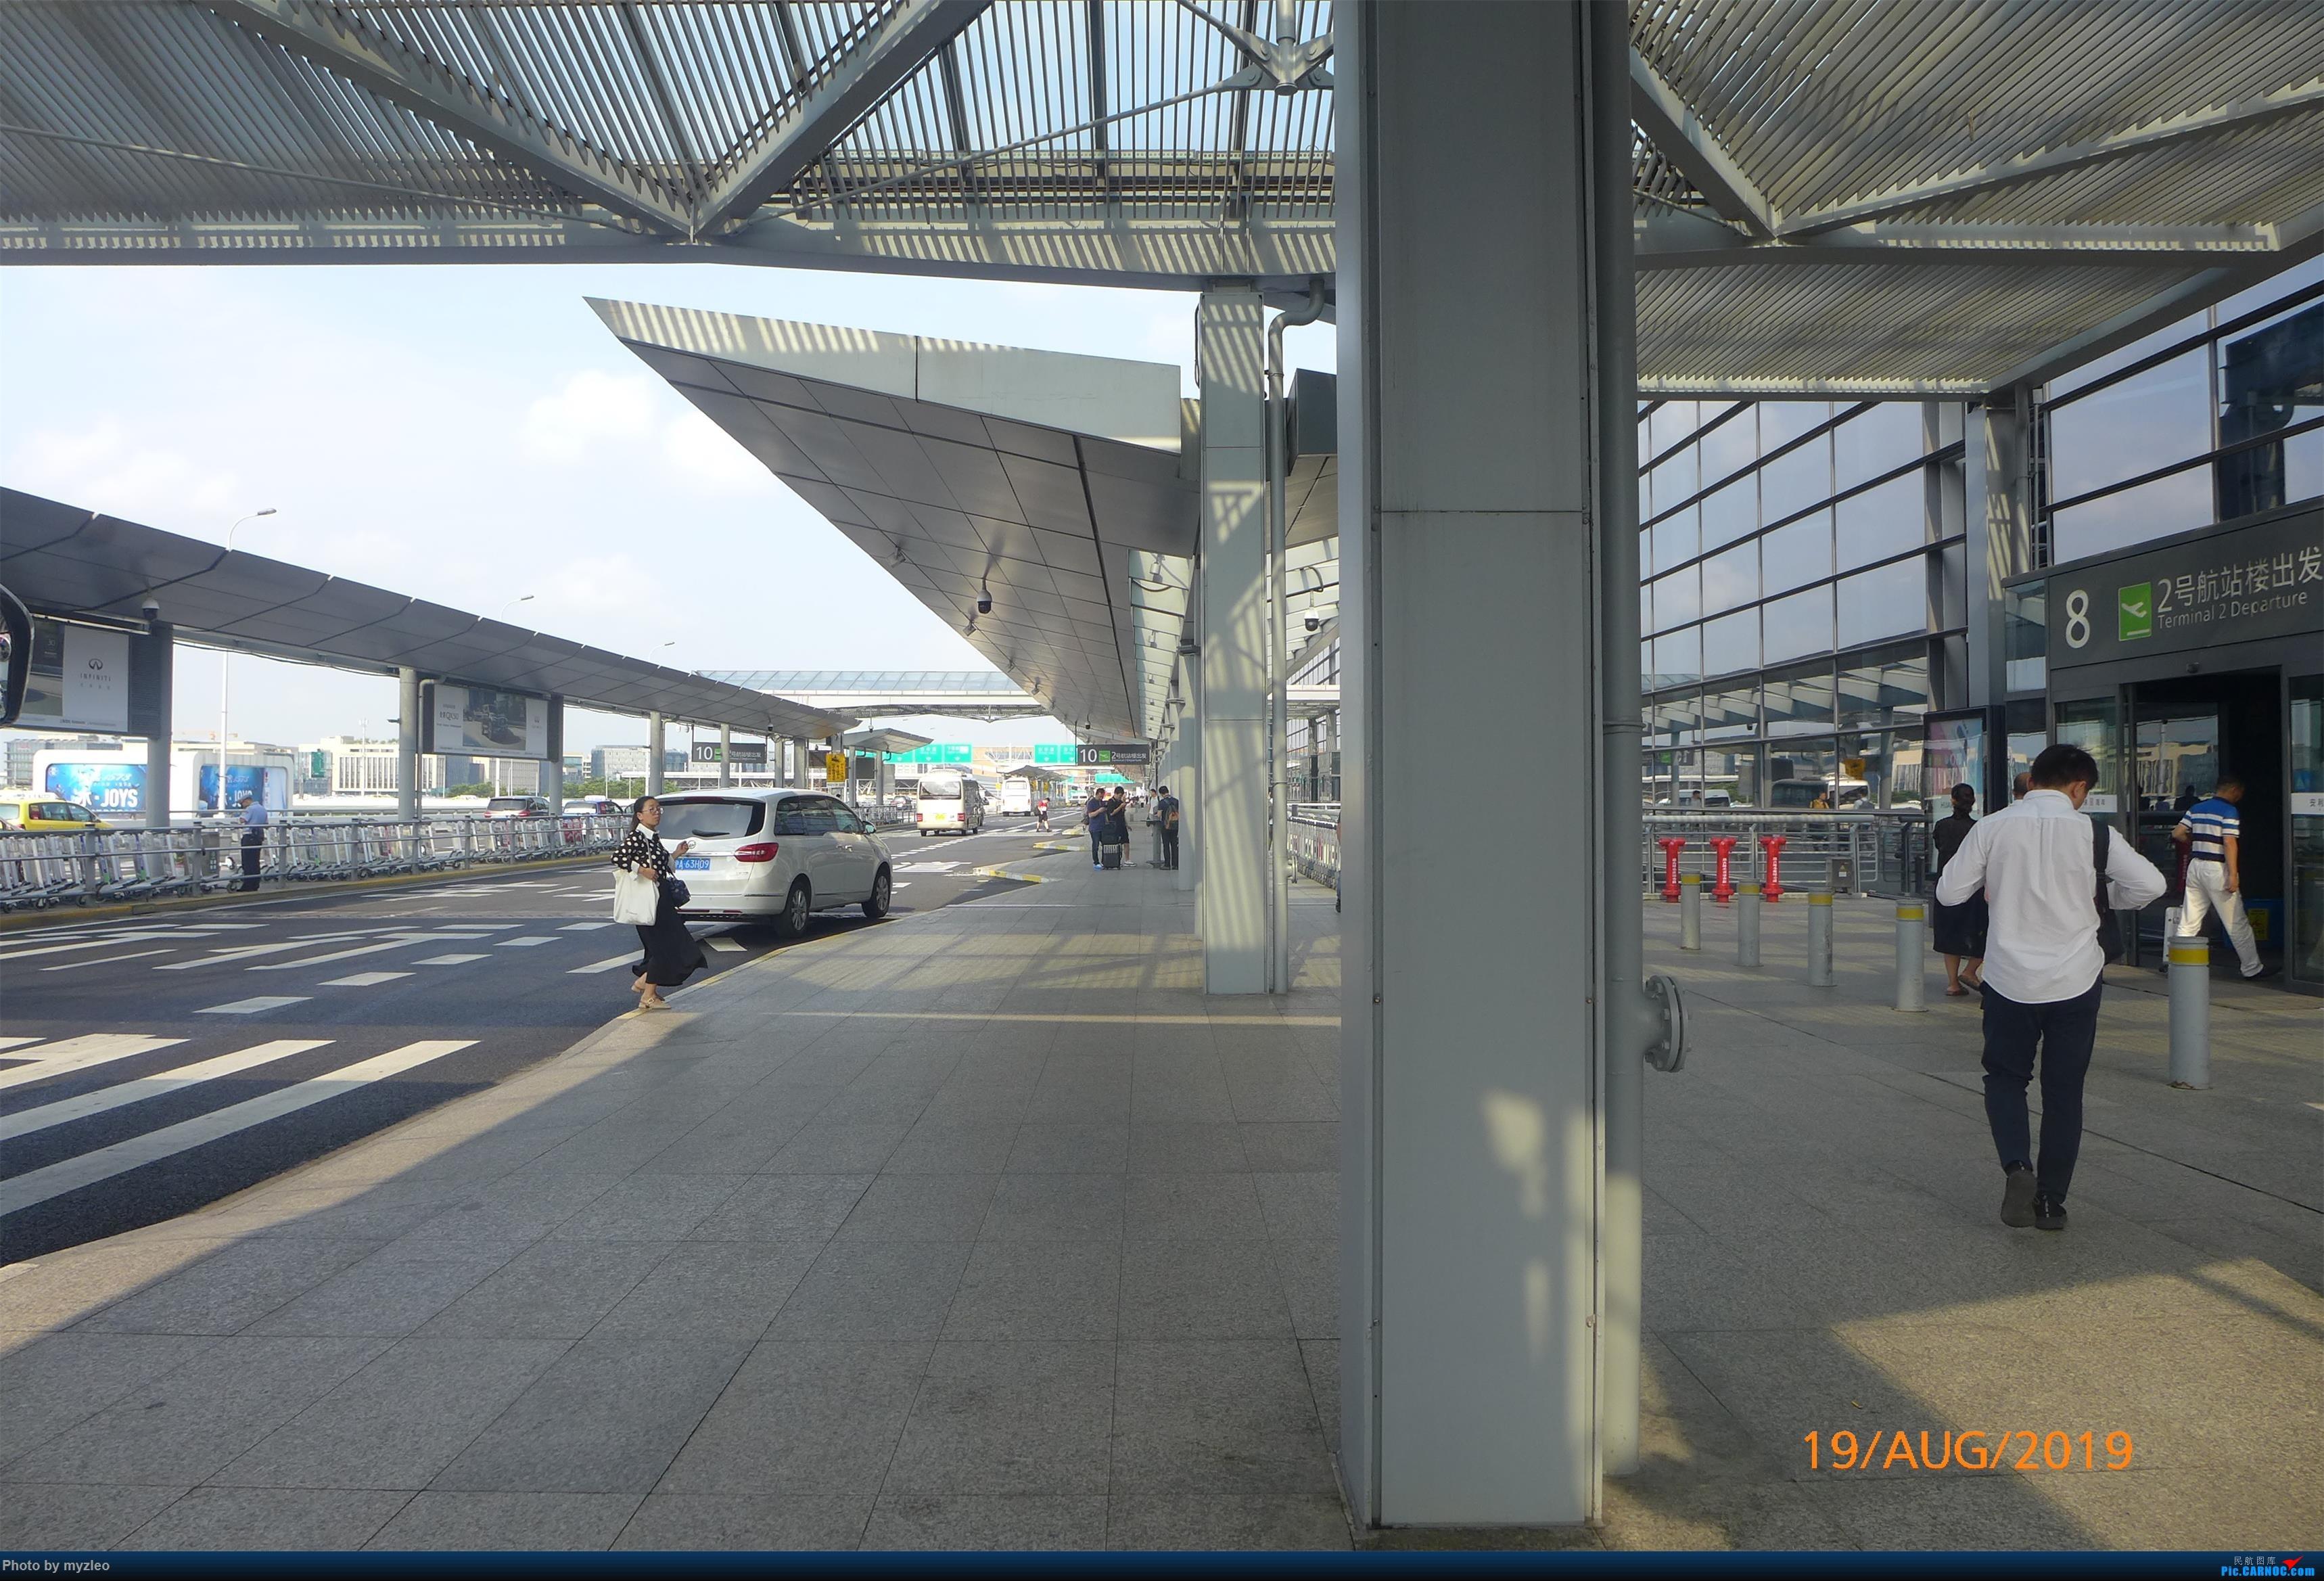 [原创]【myzleo的游记5.1】梦圆一九(1)首搭国航359,北京城里到处走    中国上海虹桥国际机场